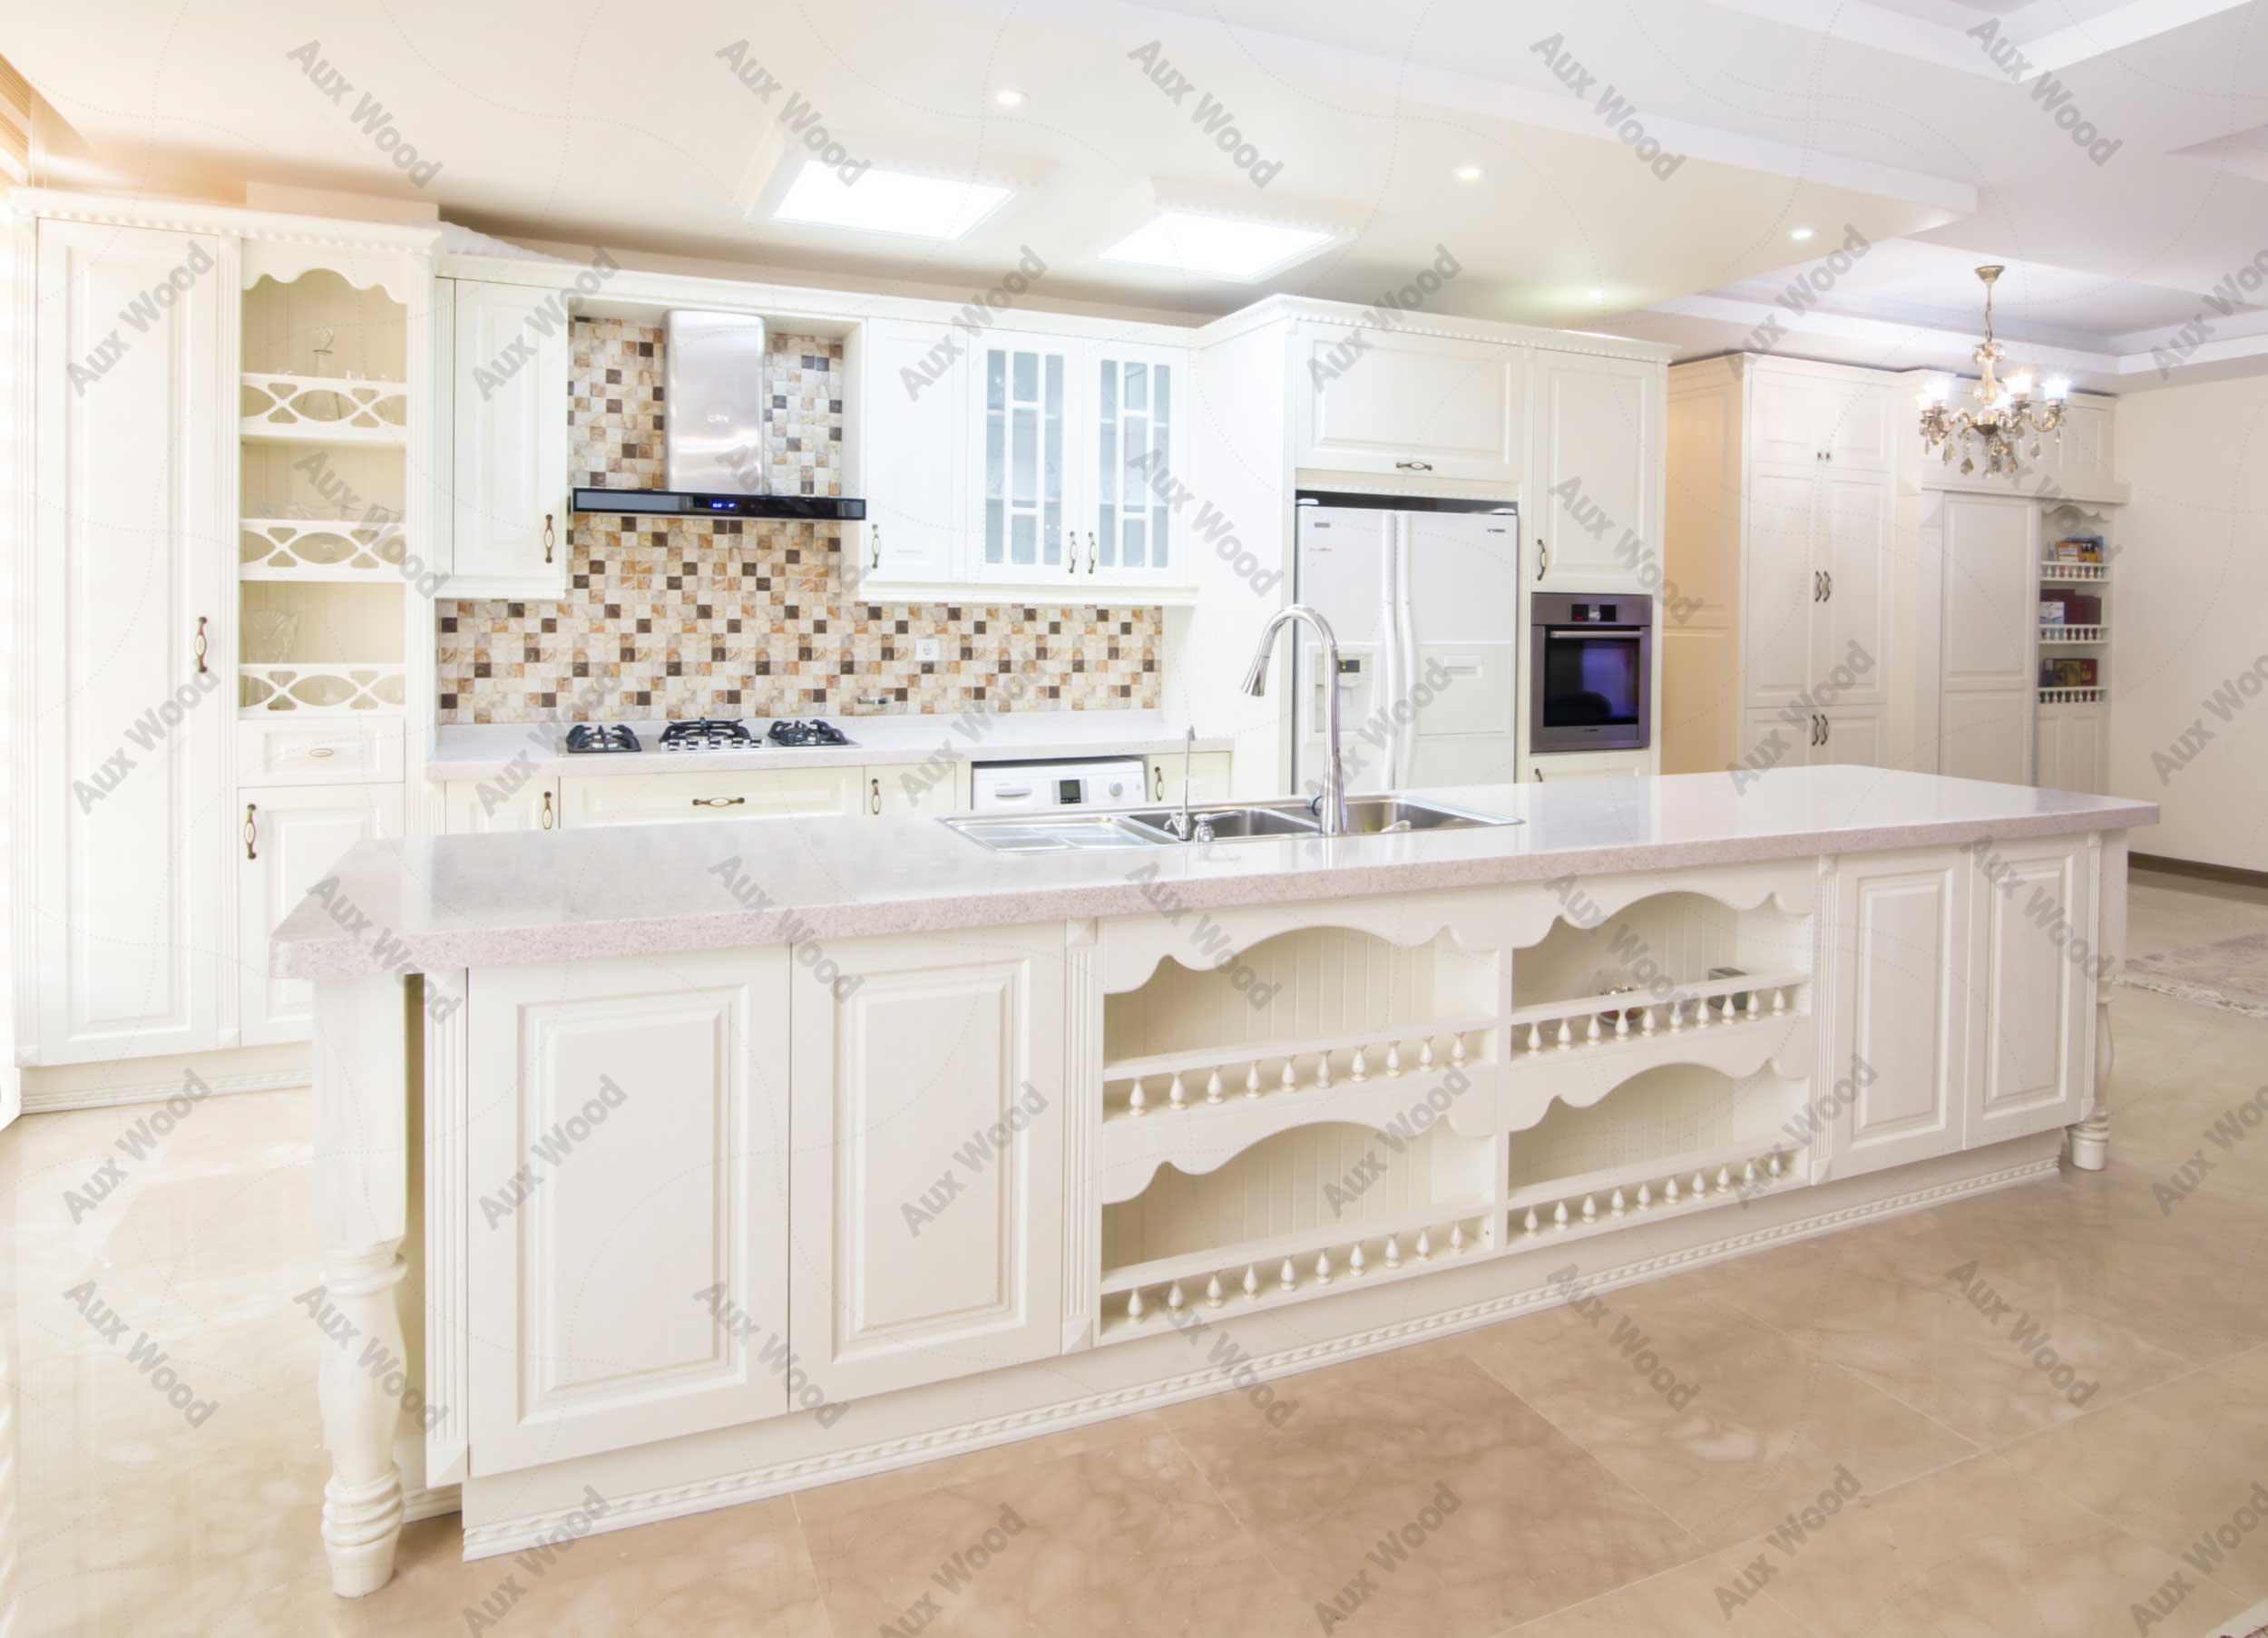 جاگیری بسیاری از لوازم خانگی در کابینت، آشپزخانه را به قلب پر تپش خانه تبدیل نموده است